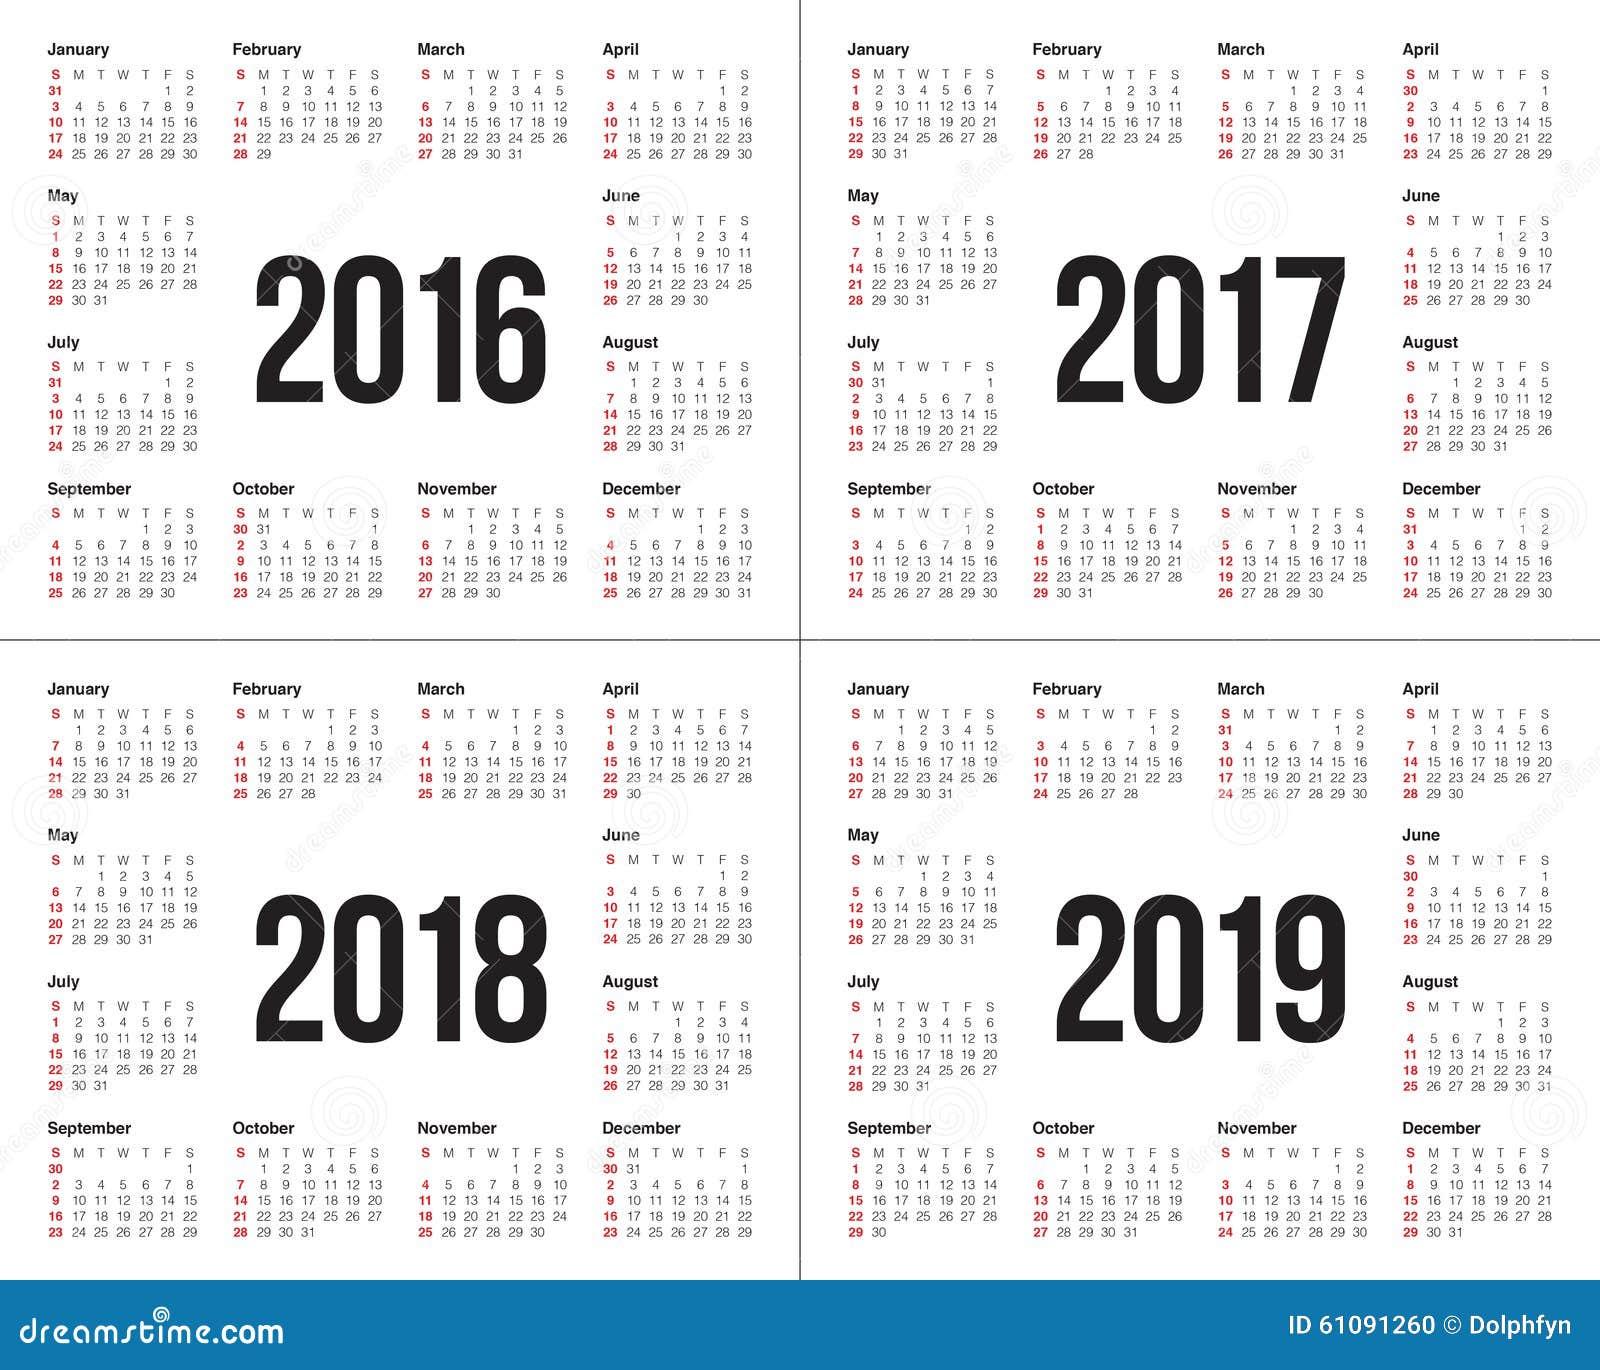 Calendar 2016 2017 2018 2019 Stock Vector - Image: 61091260